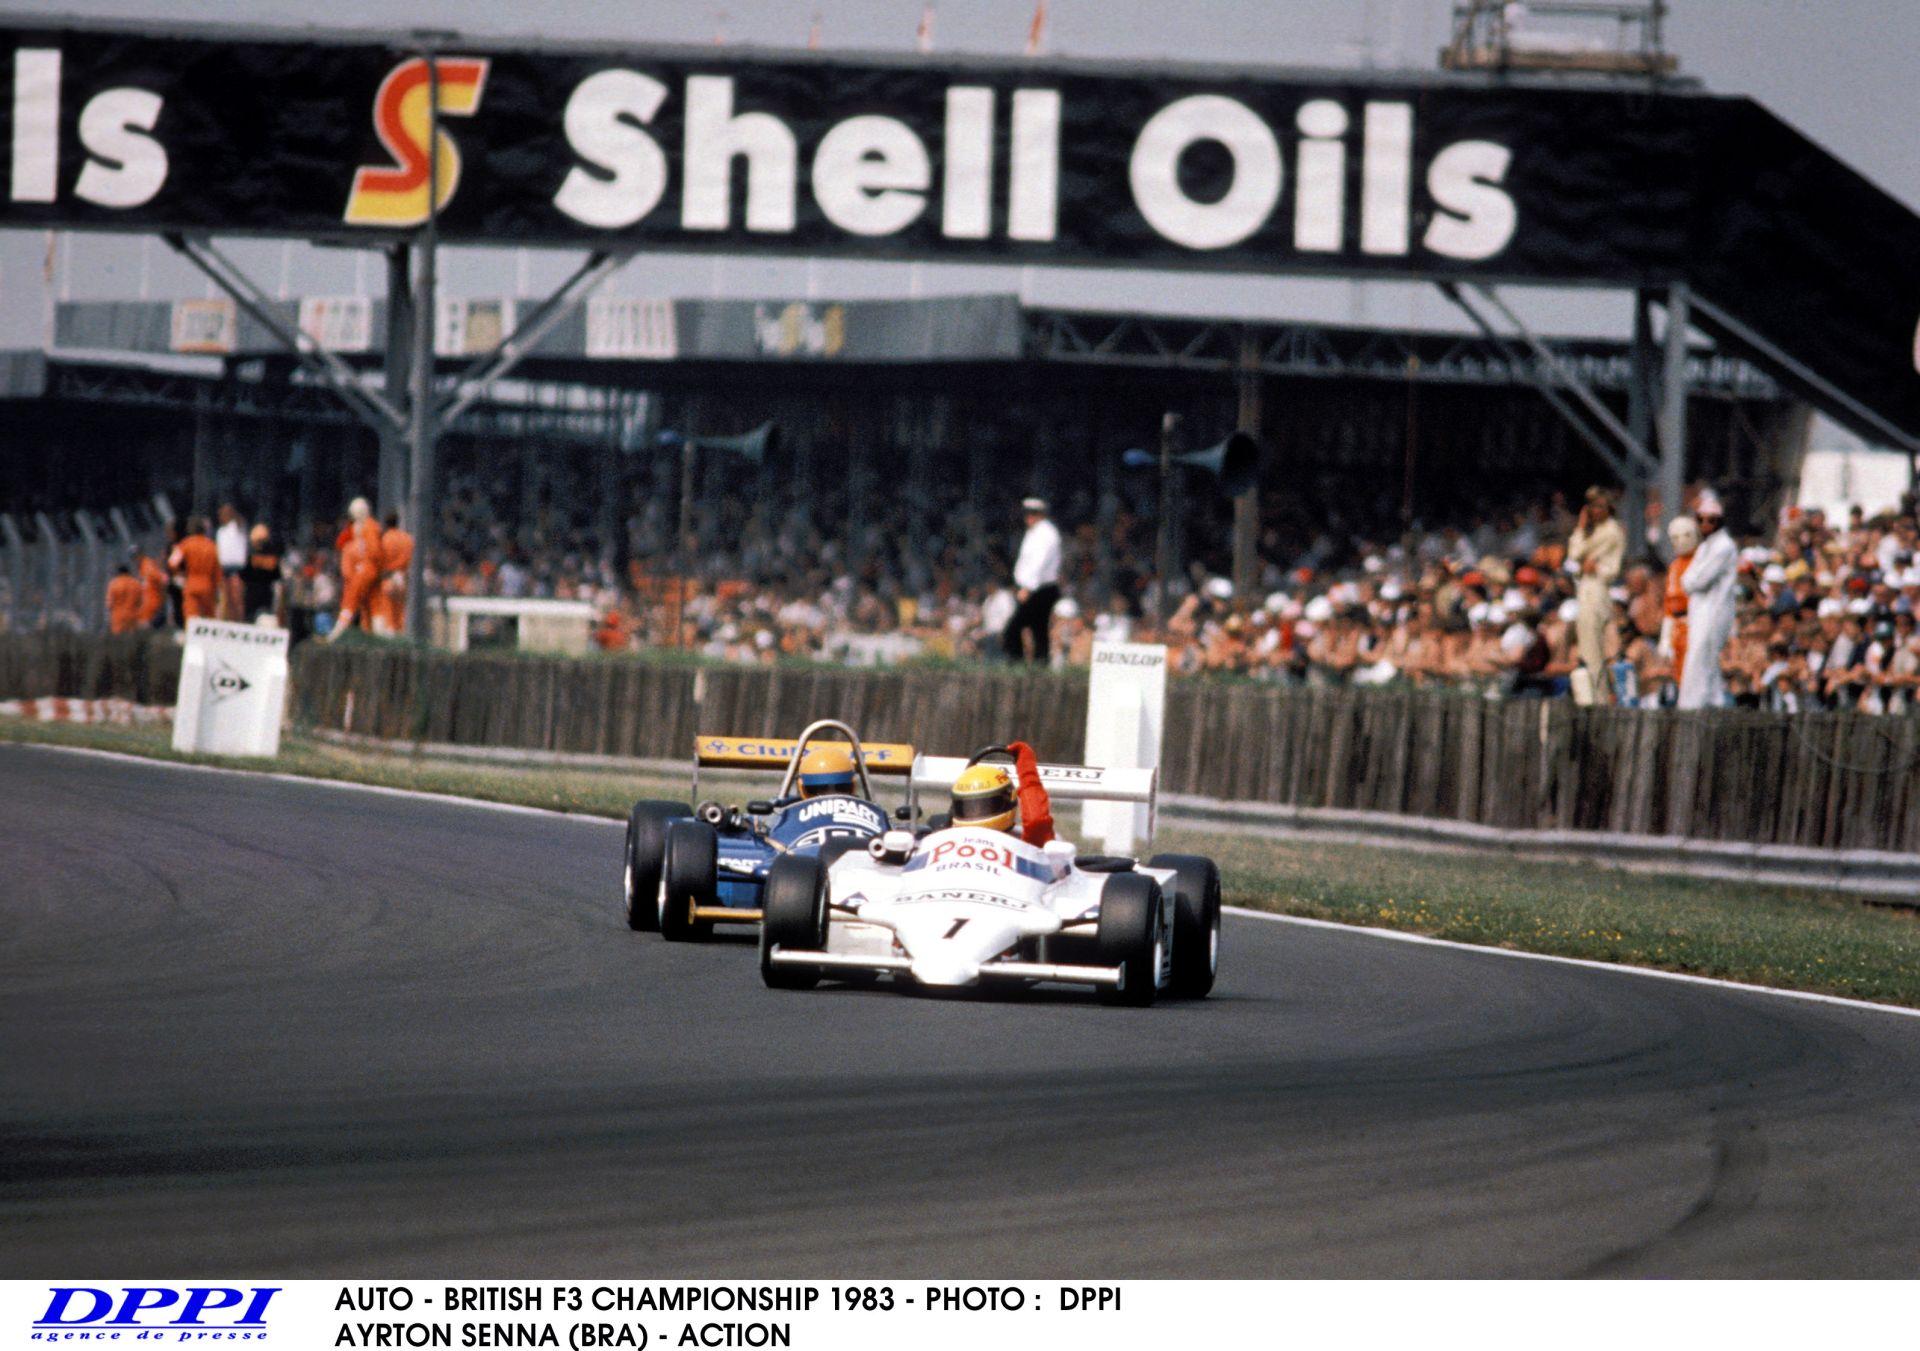 Ayrton Senna és az első F1-es teszt: Azonnal letette a névjegyét - 1983, Donington Park